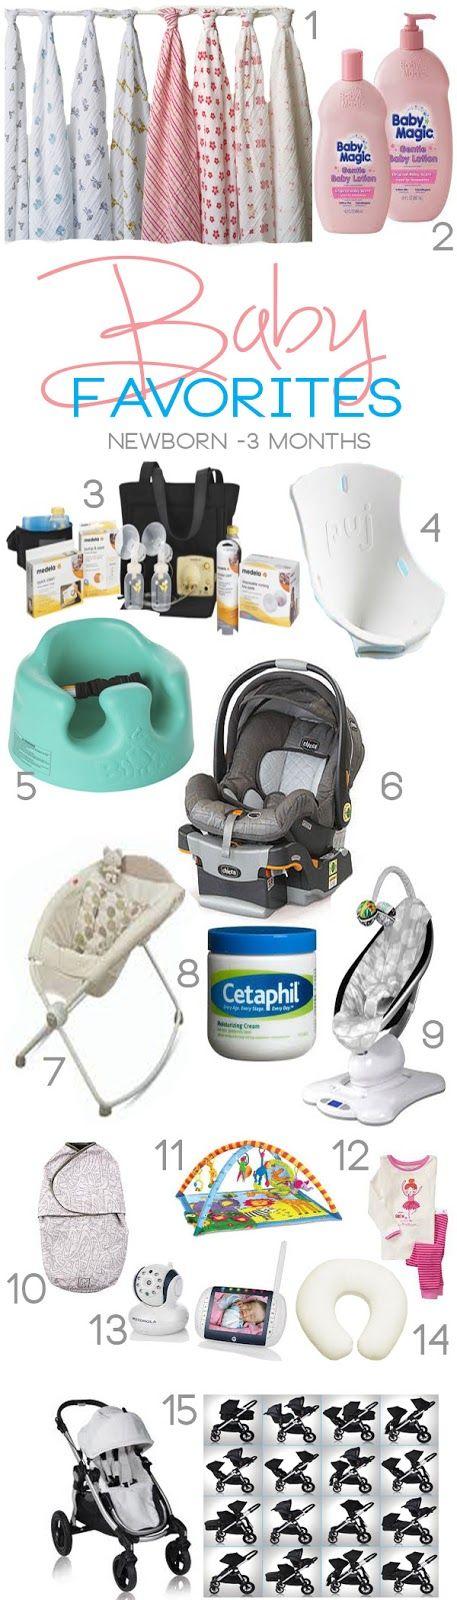 Baby Favorites | Newborn - 3 Months